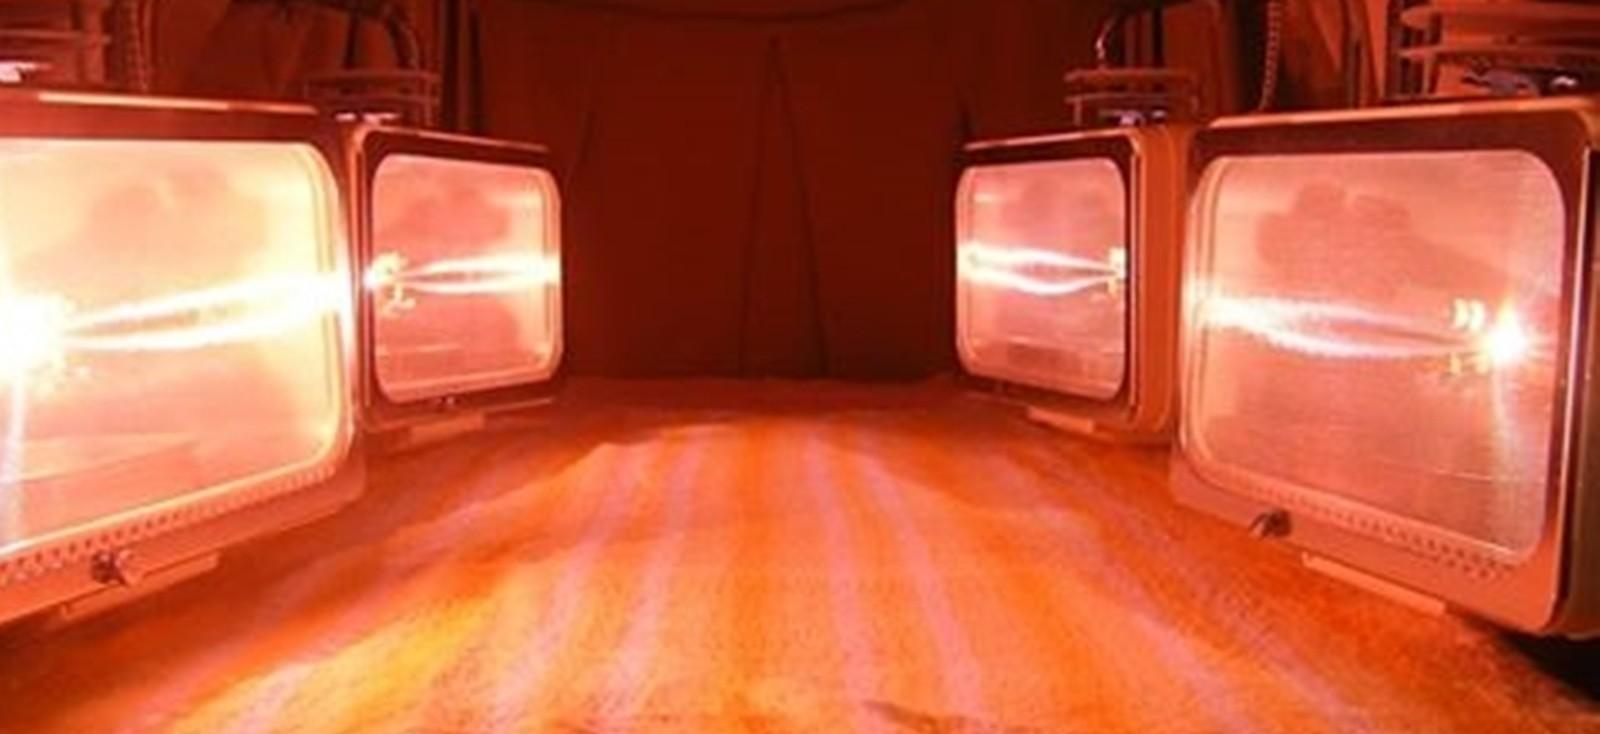 アーク光線療法は全身照射による短時間での治療が可能です。